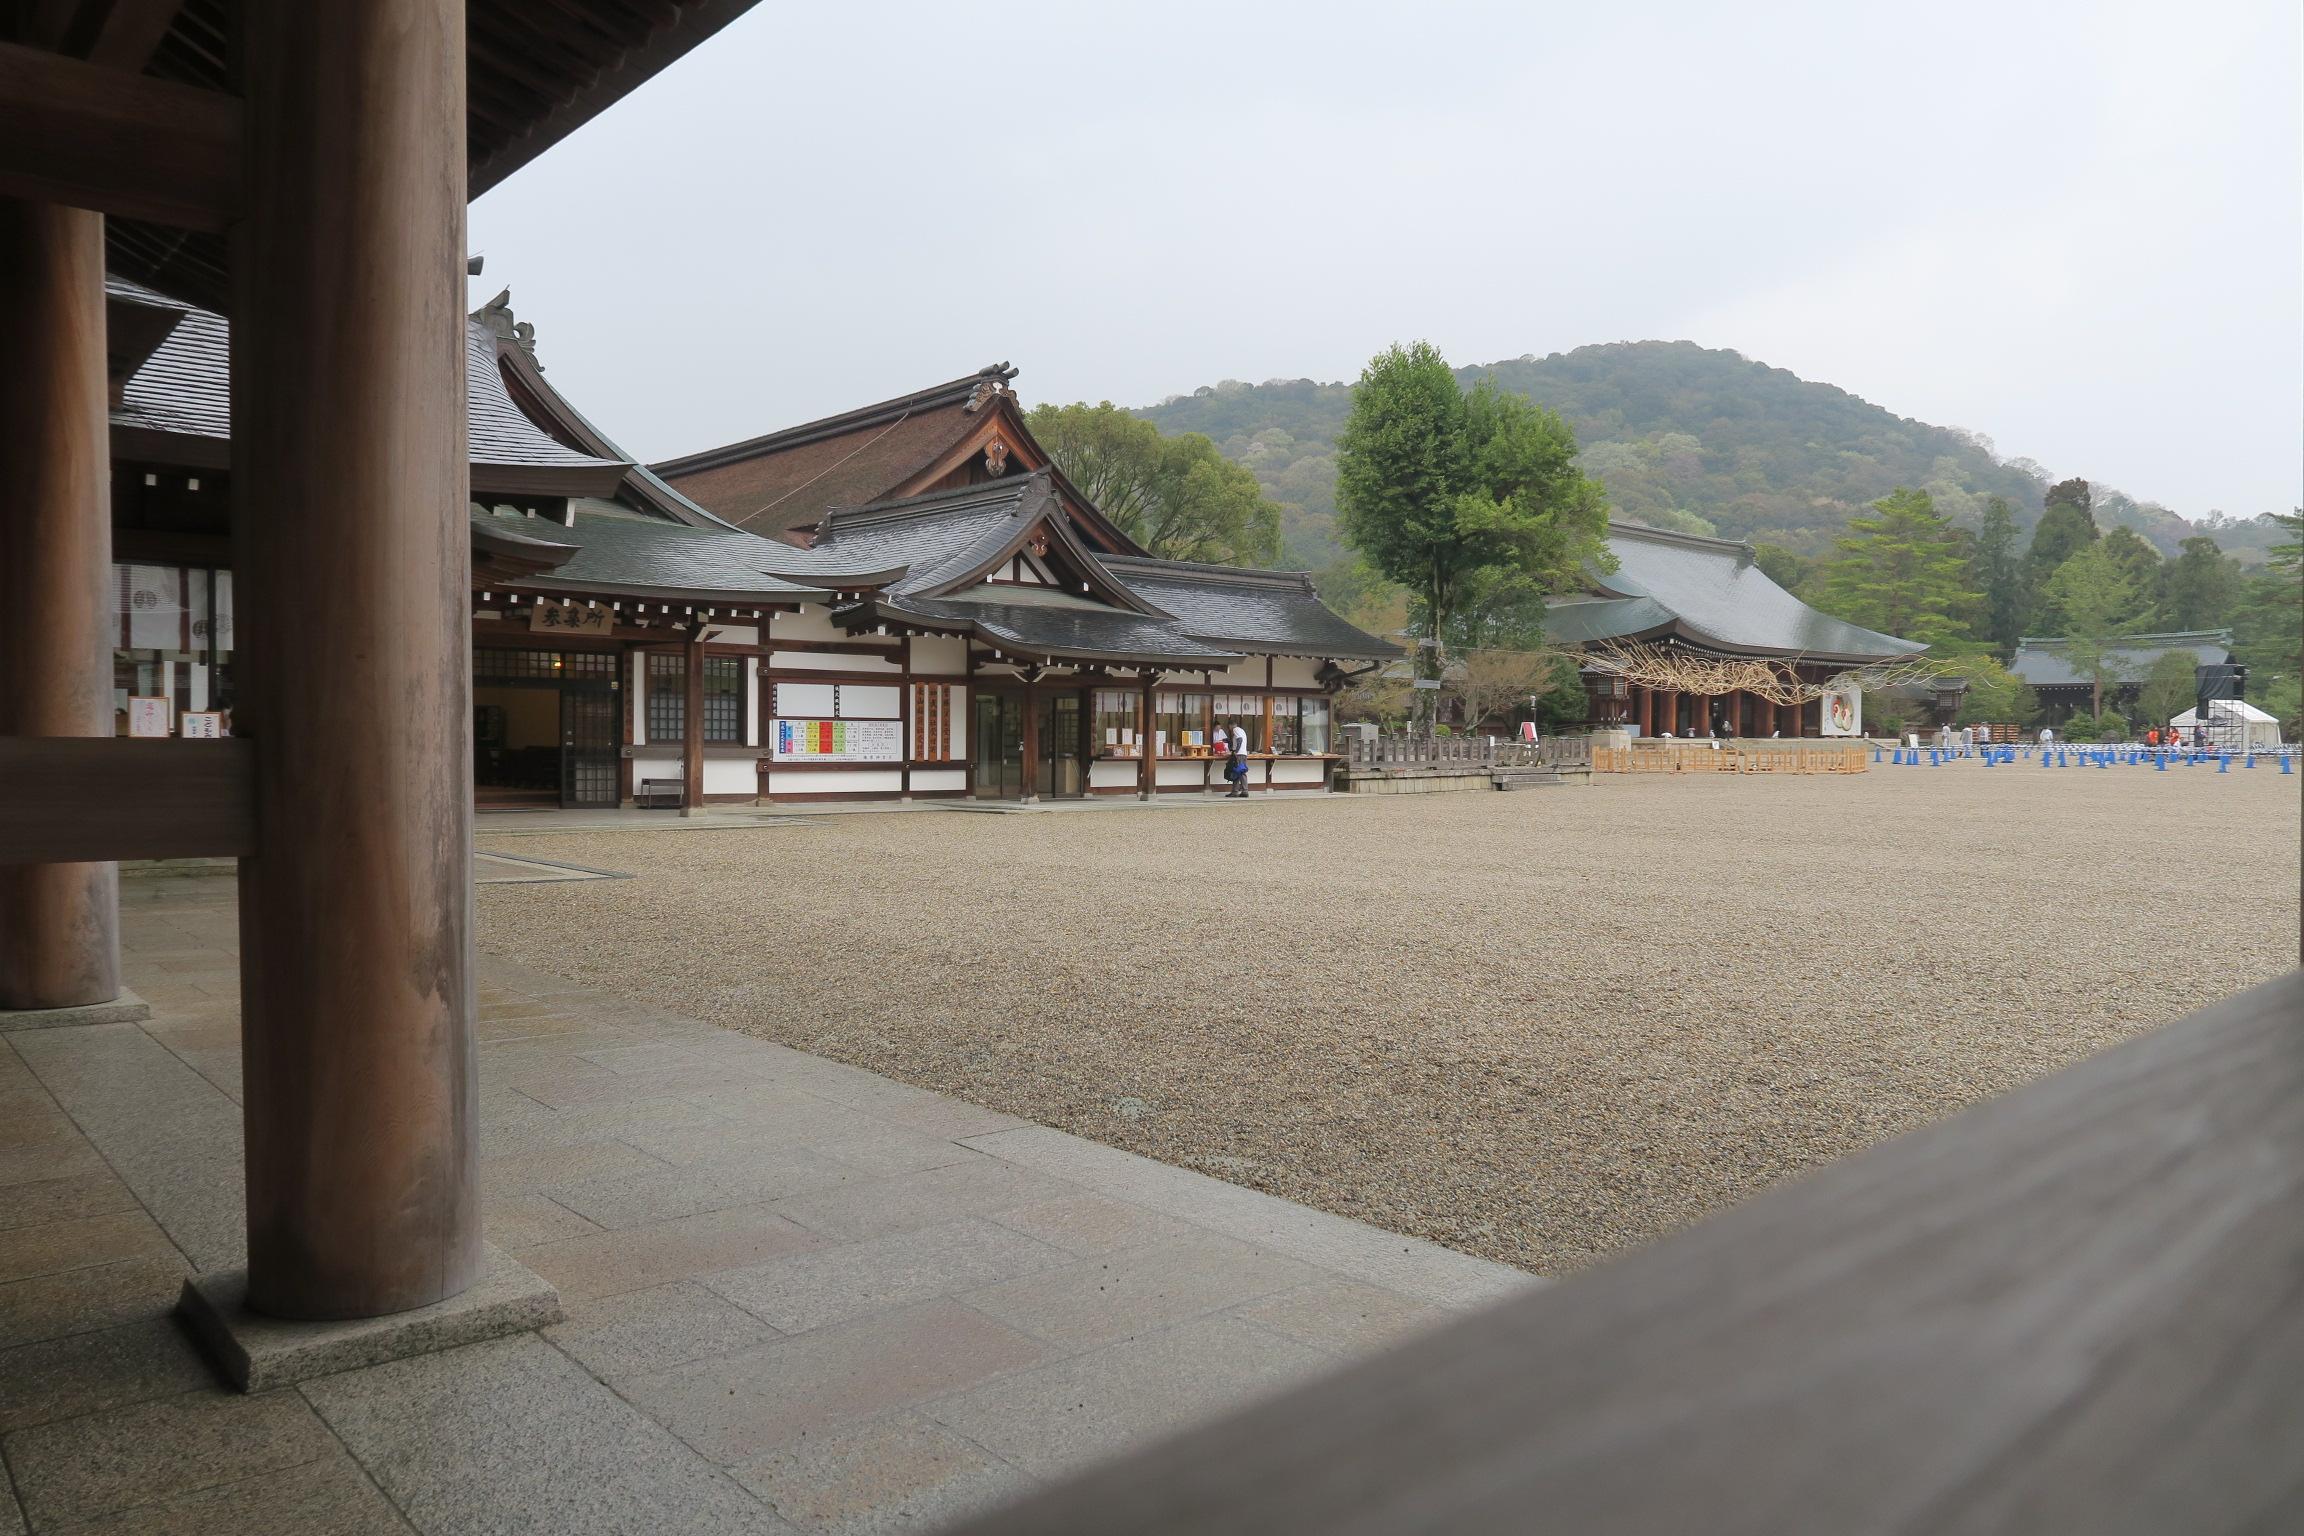 左手より神楽殿、外拝殿。奥には畝傍山が広がっています。